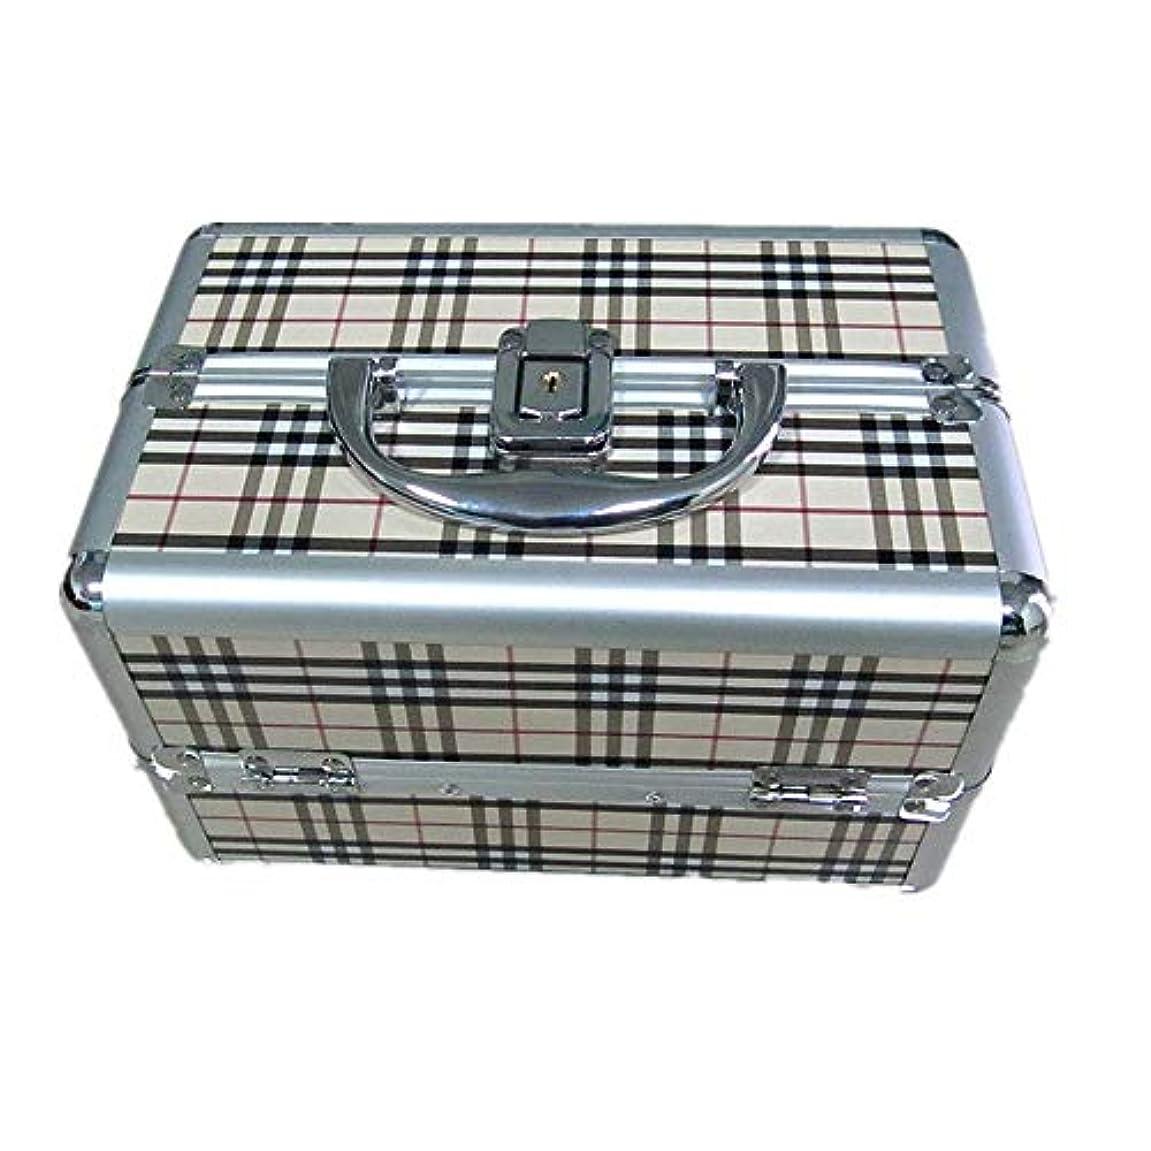 クローン不足アームストロング化粧オーガナイザーバッグ 大容量ポータブル化粧ケース(トラベルアクセサリー用)シャンプーボディウォッシュパーソナルアイテム収納トレイ(エクステンショントレイ付) 化粧品ケース